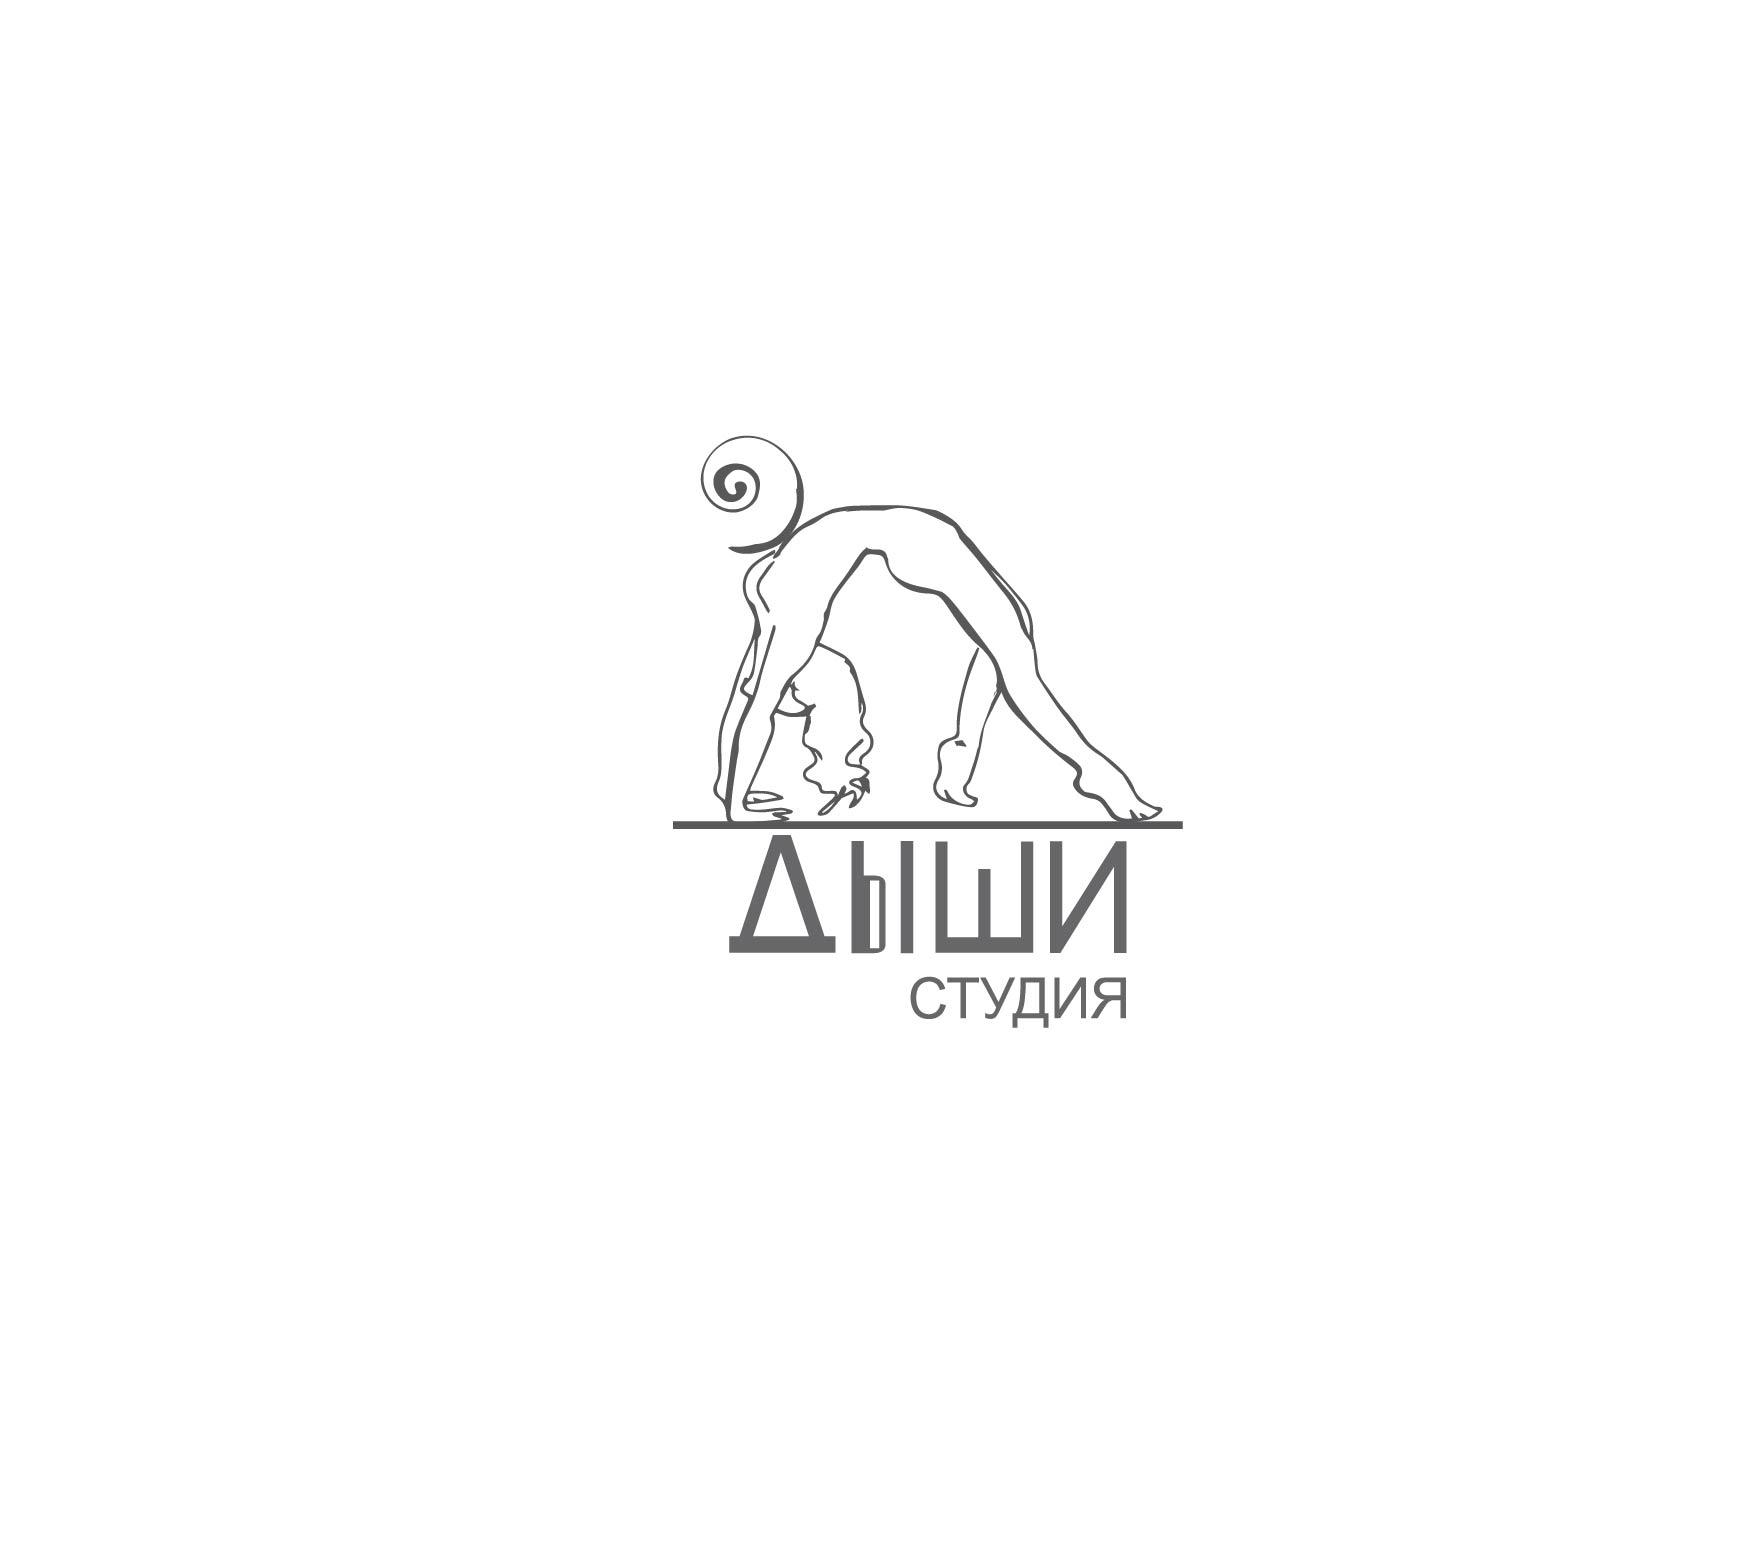 """Логотип для студии """"Дыши""""  и фирменный стиль фото f_59556fc0dbbcfa2d.jpg"""